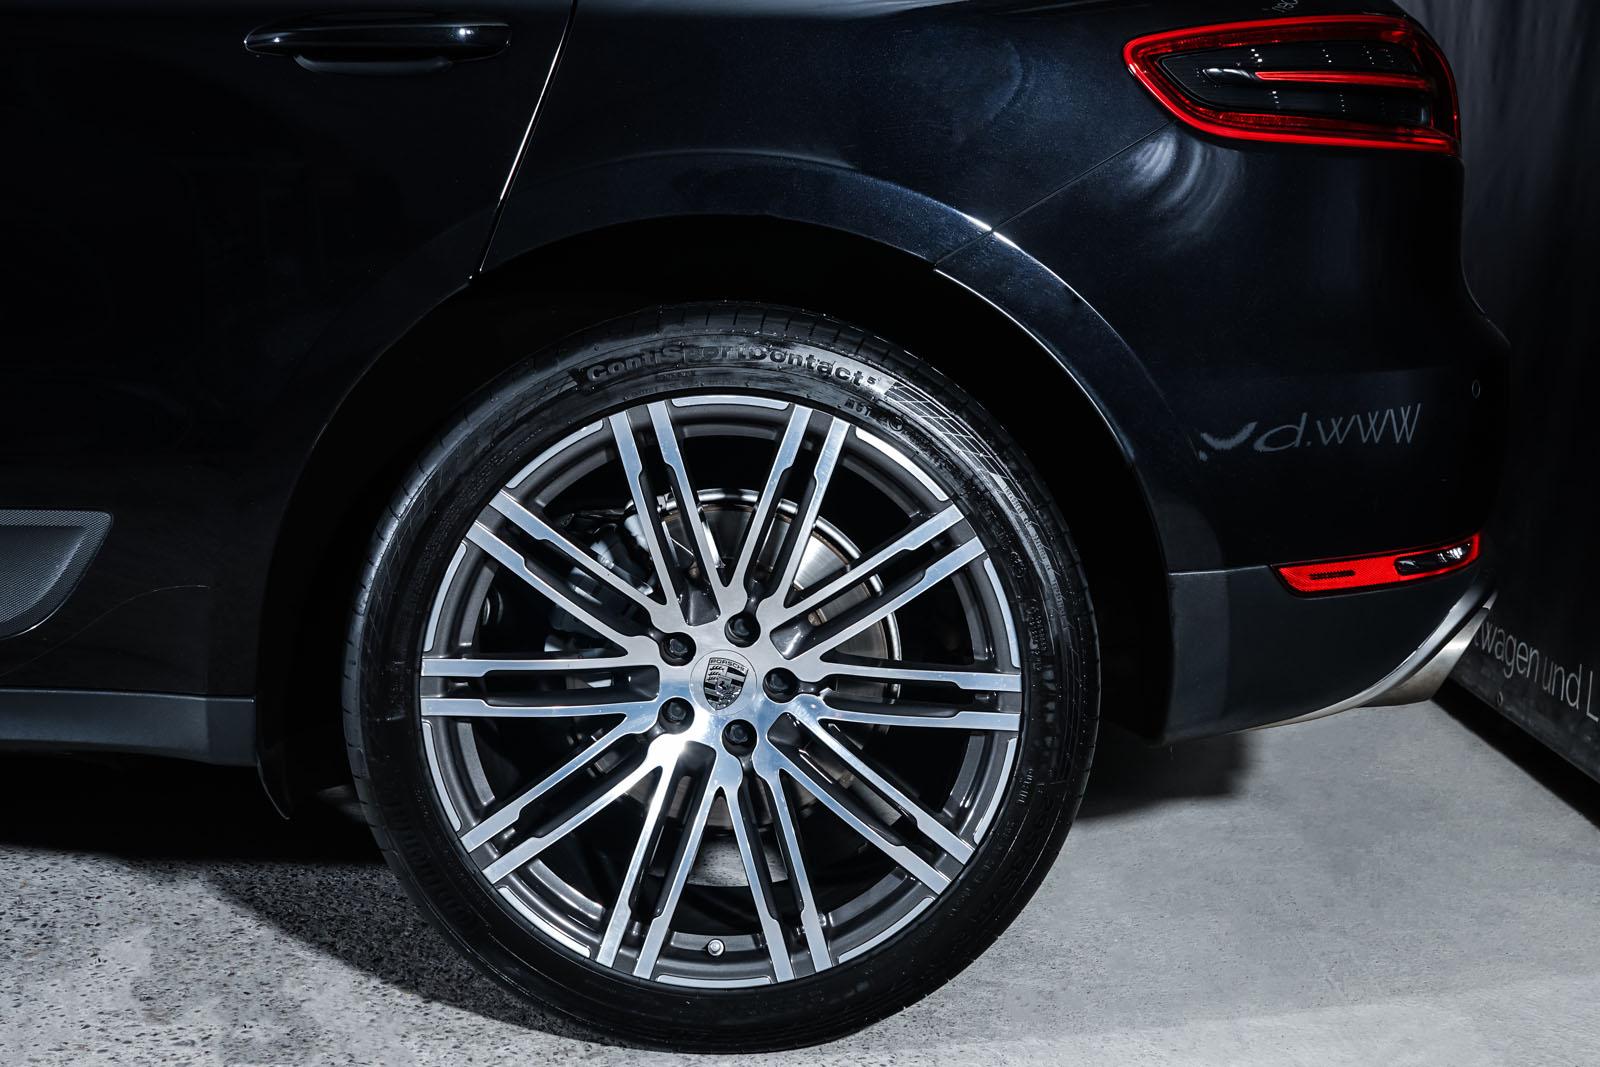 Porsche_Macan_S_Tiefschwarz_Schwarz_POR-1108_4_w